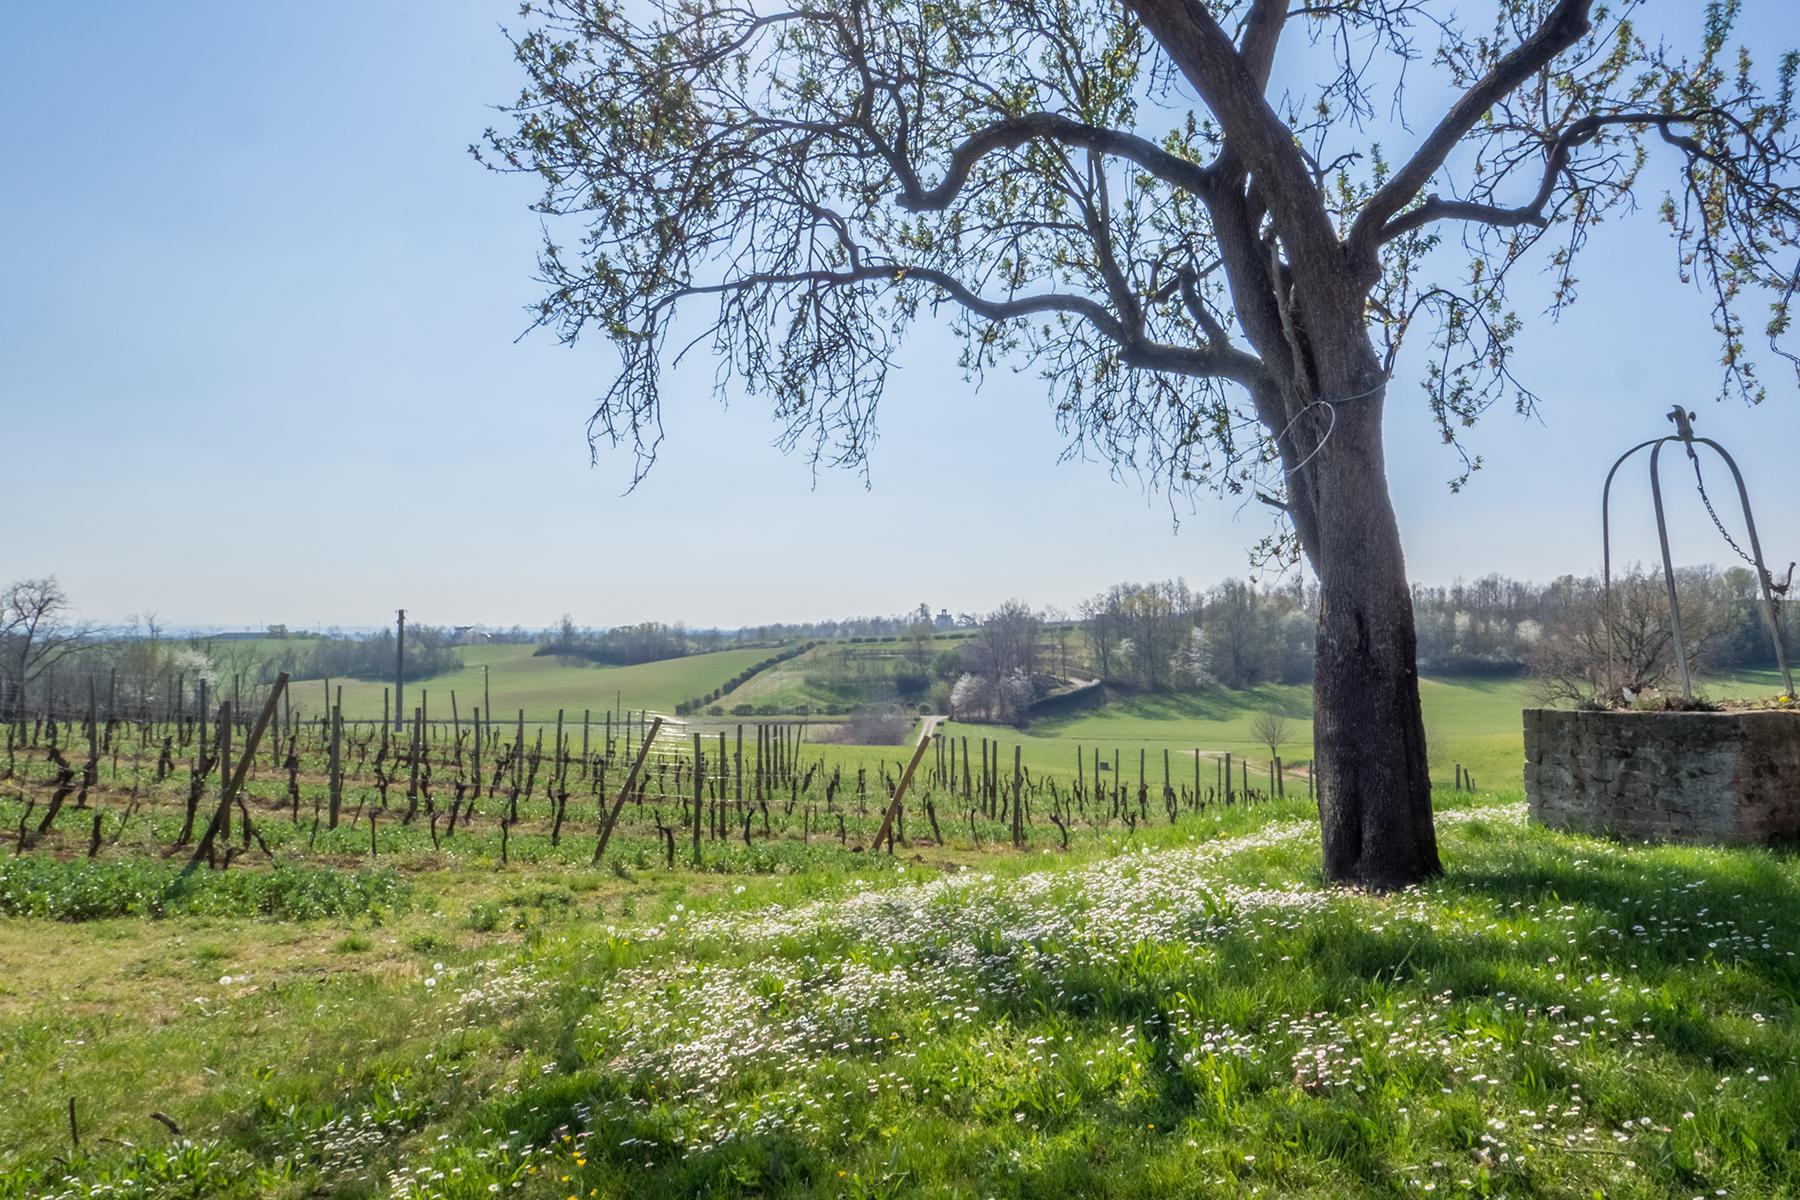 Meravigliosa azienda vitivinicola nel cuore del Monferrato - 13